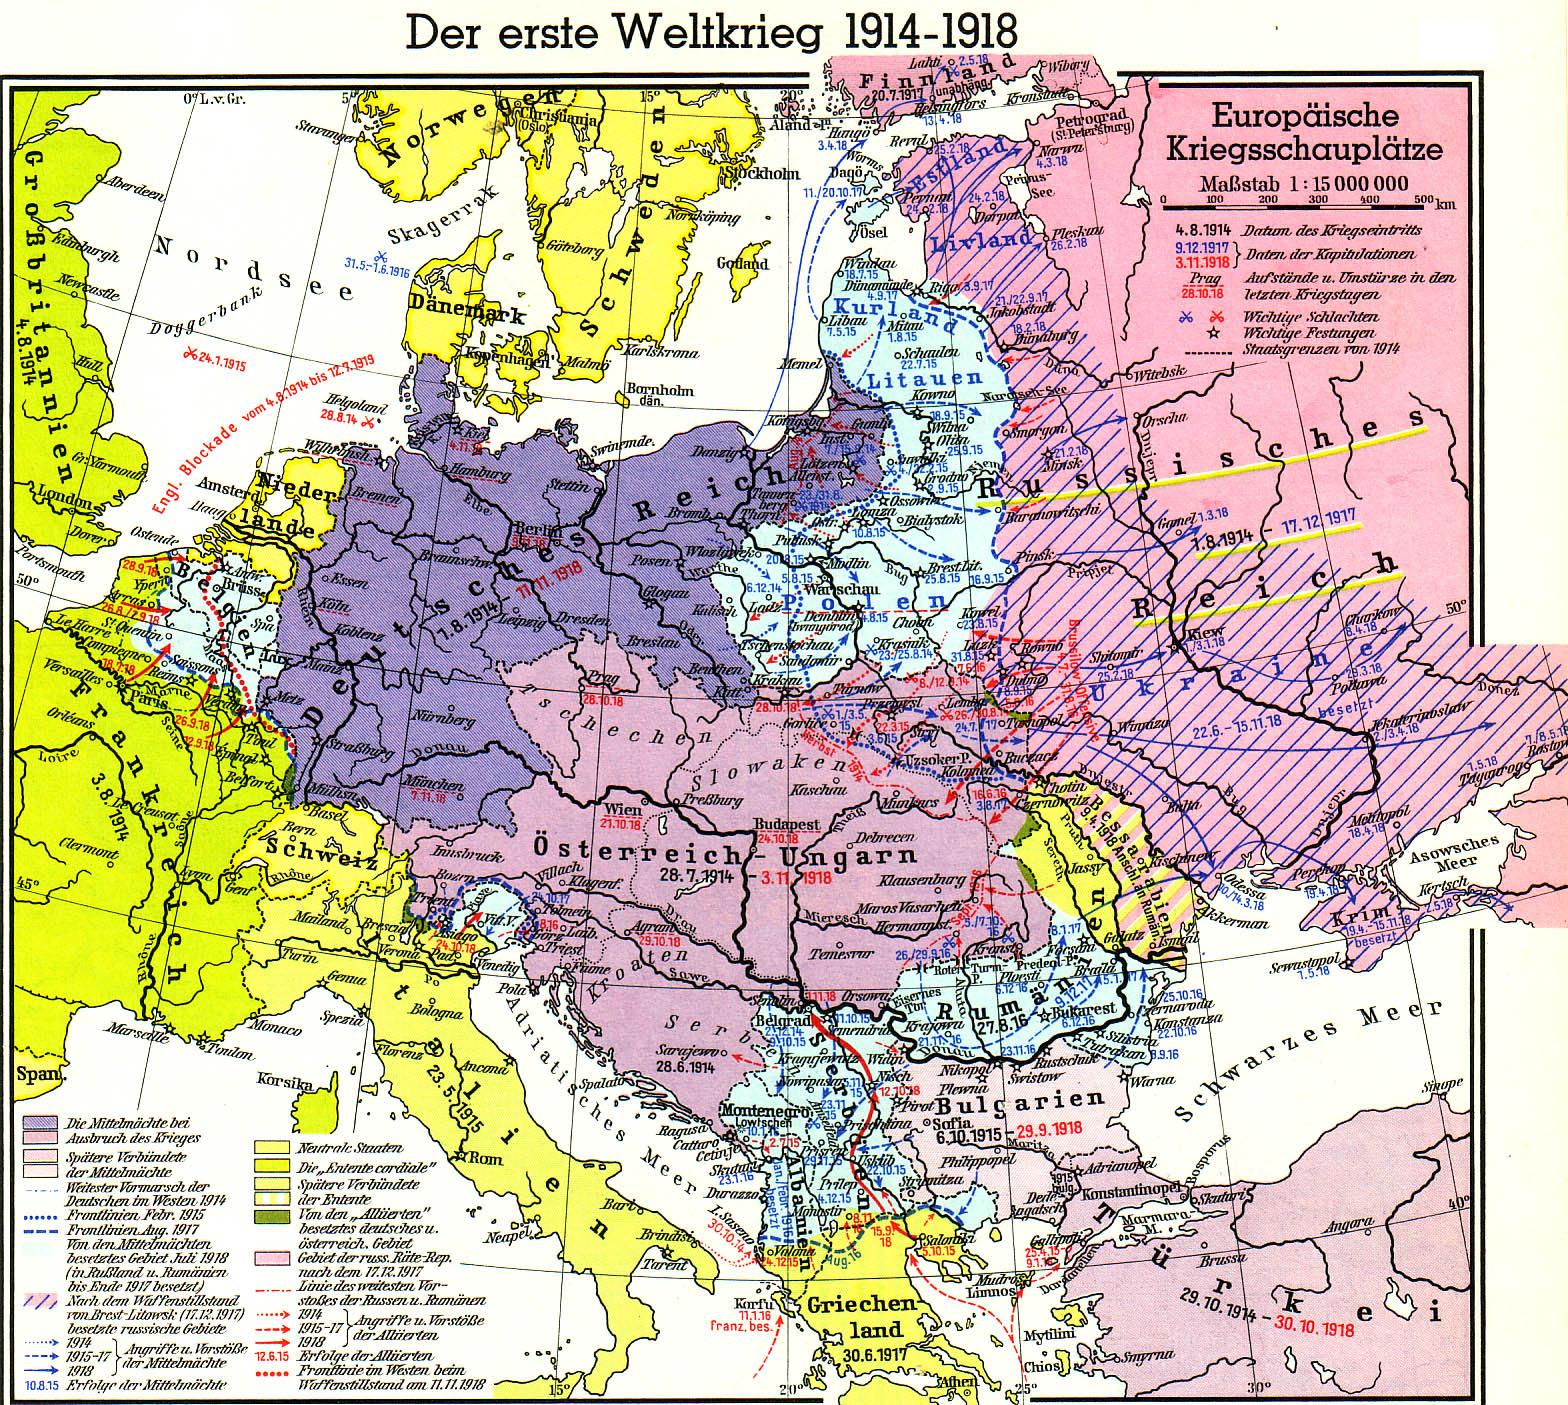 Europäische Kriegsschauplätze 1914 – 1918